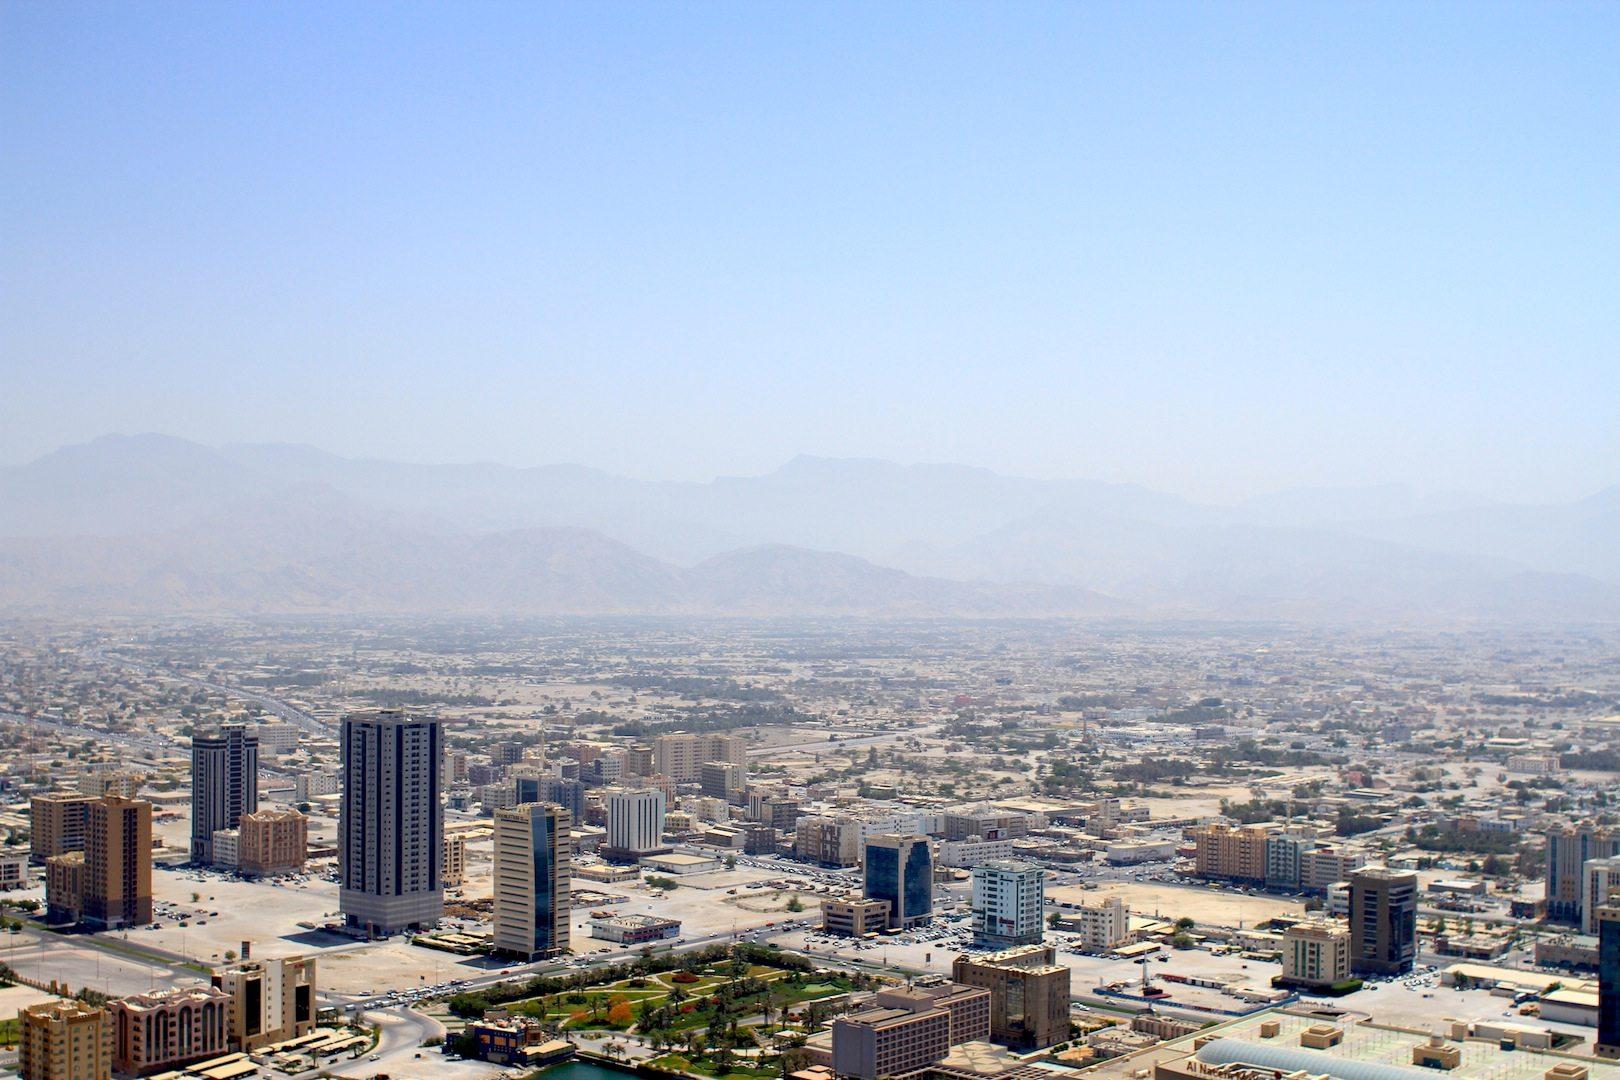 Die Ansammlung der Solitäre. Das zerfurcht wirkende Zentrum von Ras Al Khaimah-Stadt von oben mit Blick in Richtung des Hajar-Gebirges.